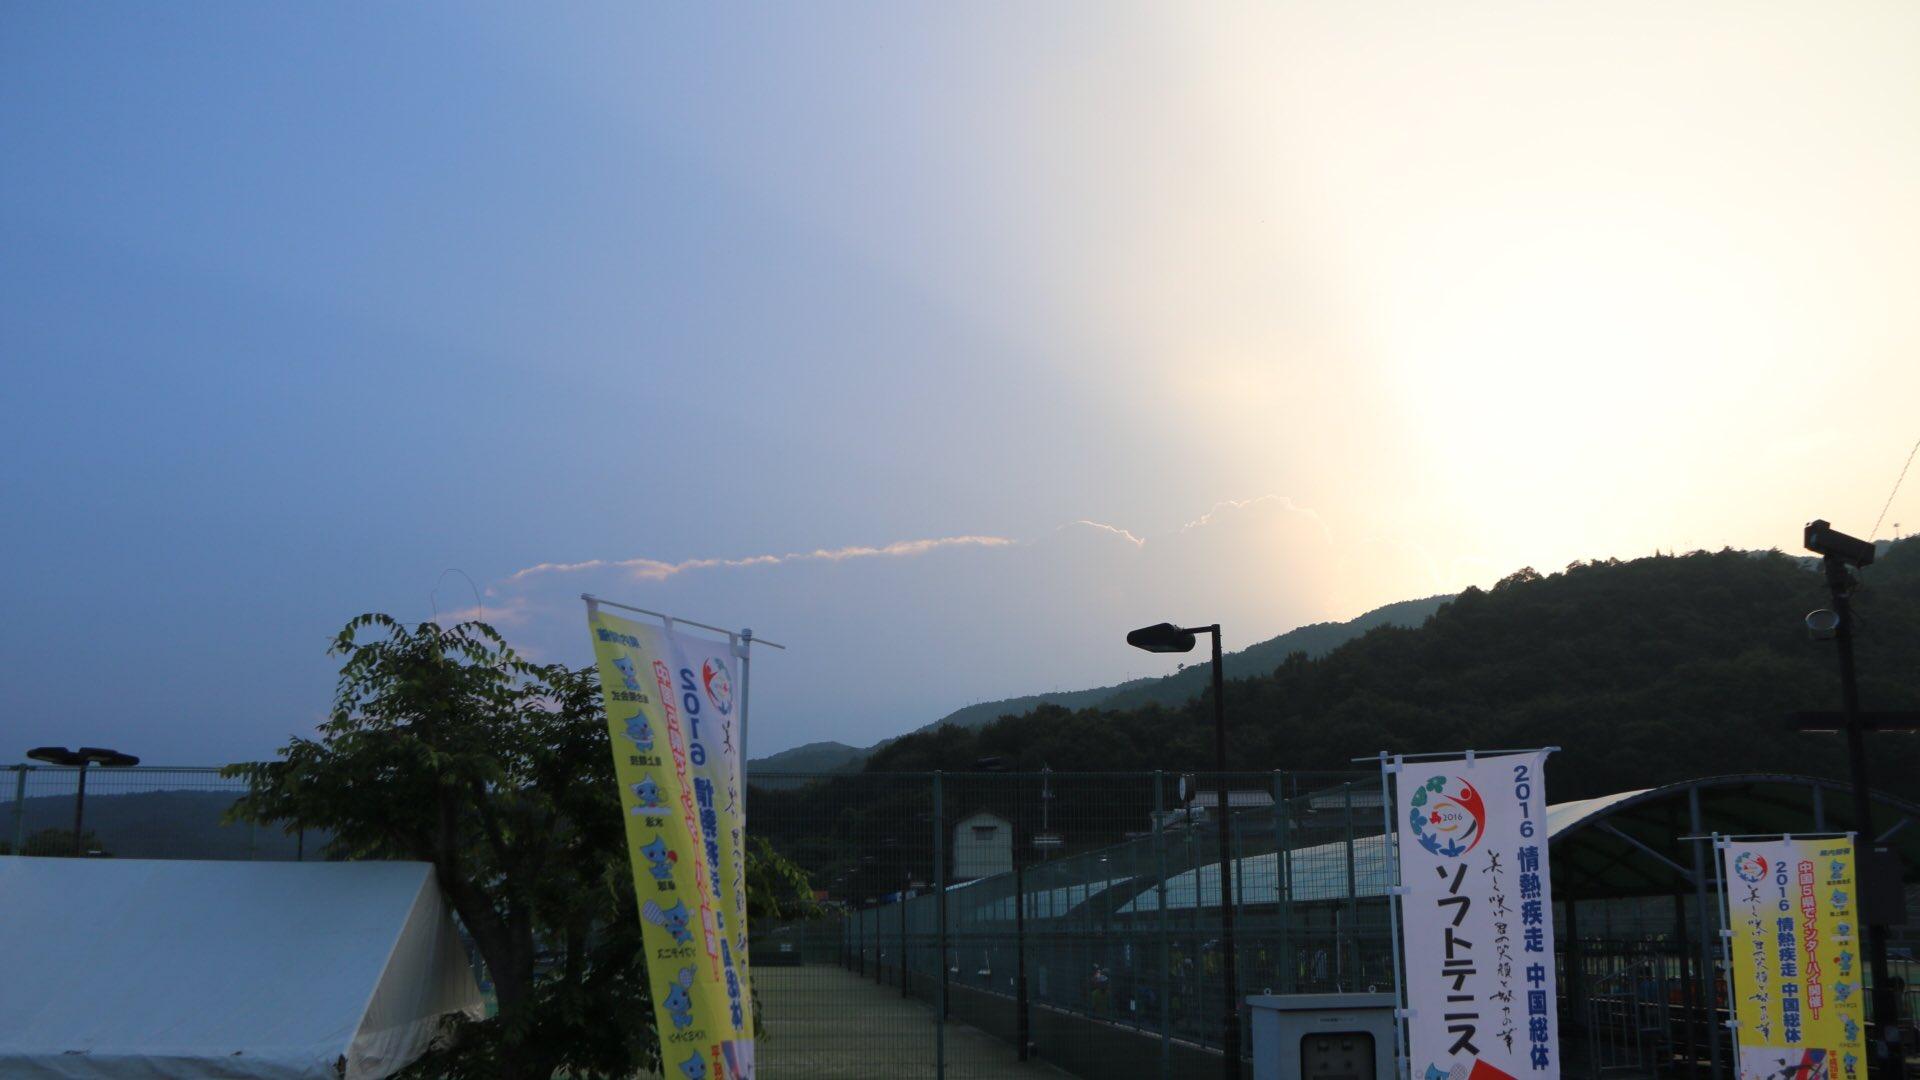 ぉまみ on Twitter \u0026quot;岡山インターハイの全日程が終了 高校生の熱い熱い夏が幕を閉じました。この夢のつづきは岩手国体で!! https//t.co/LioUcWbNxS\u0026quot;